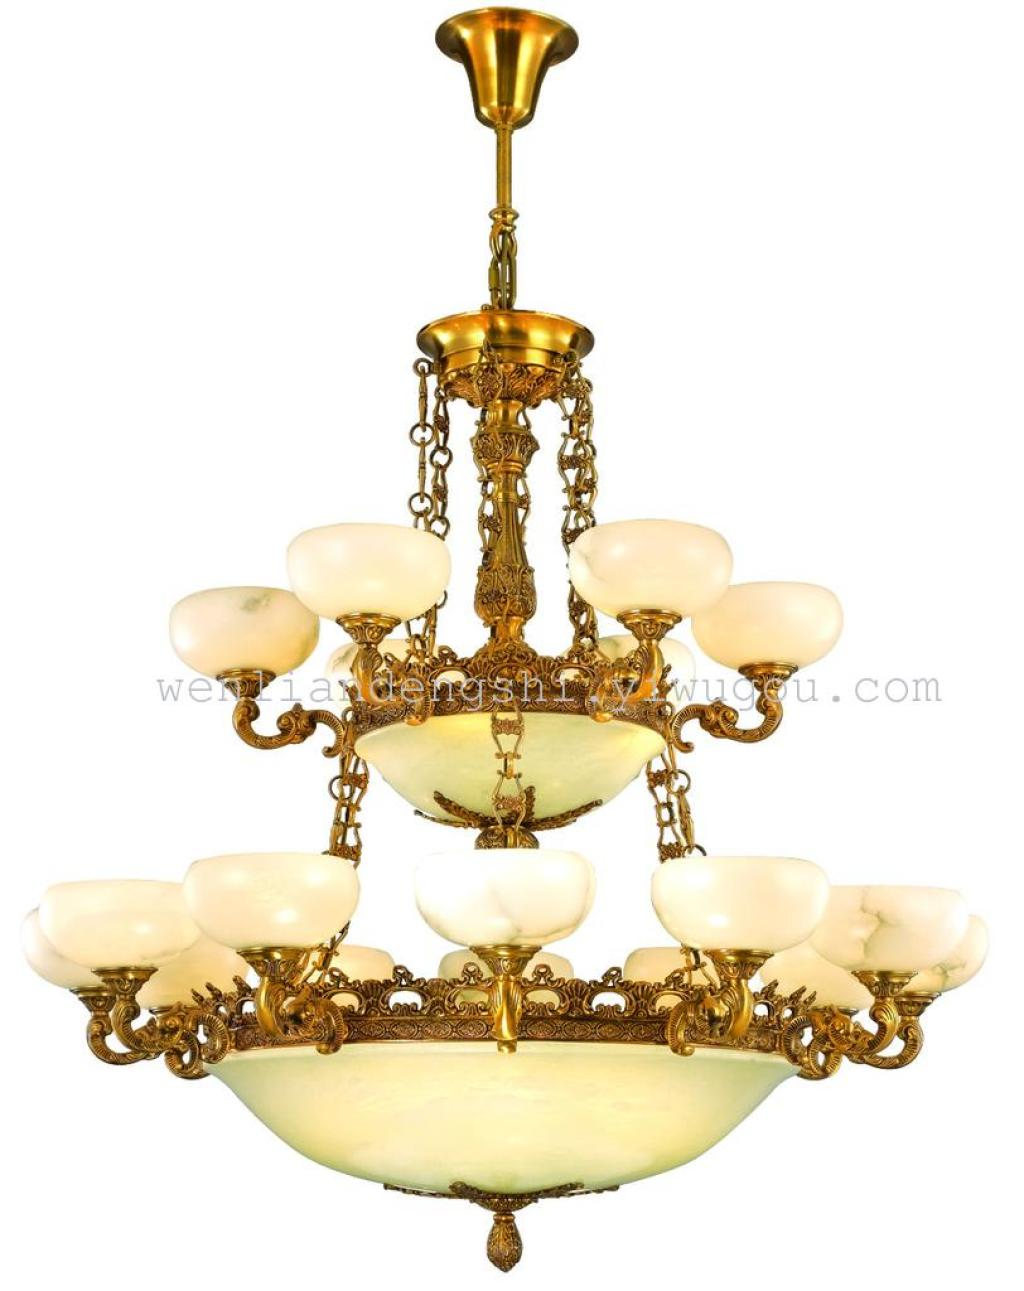 欧式吊灯全铜灯 仿古客厅灯别墅欧式吊灯欧式灯具